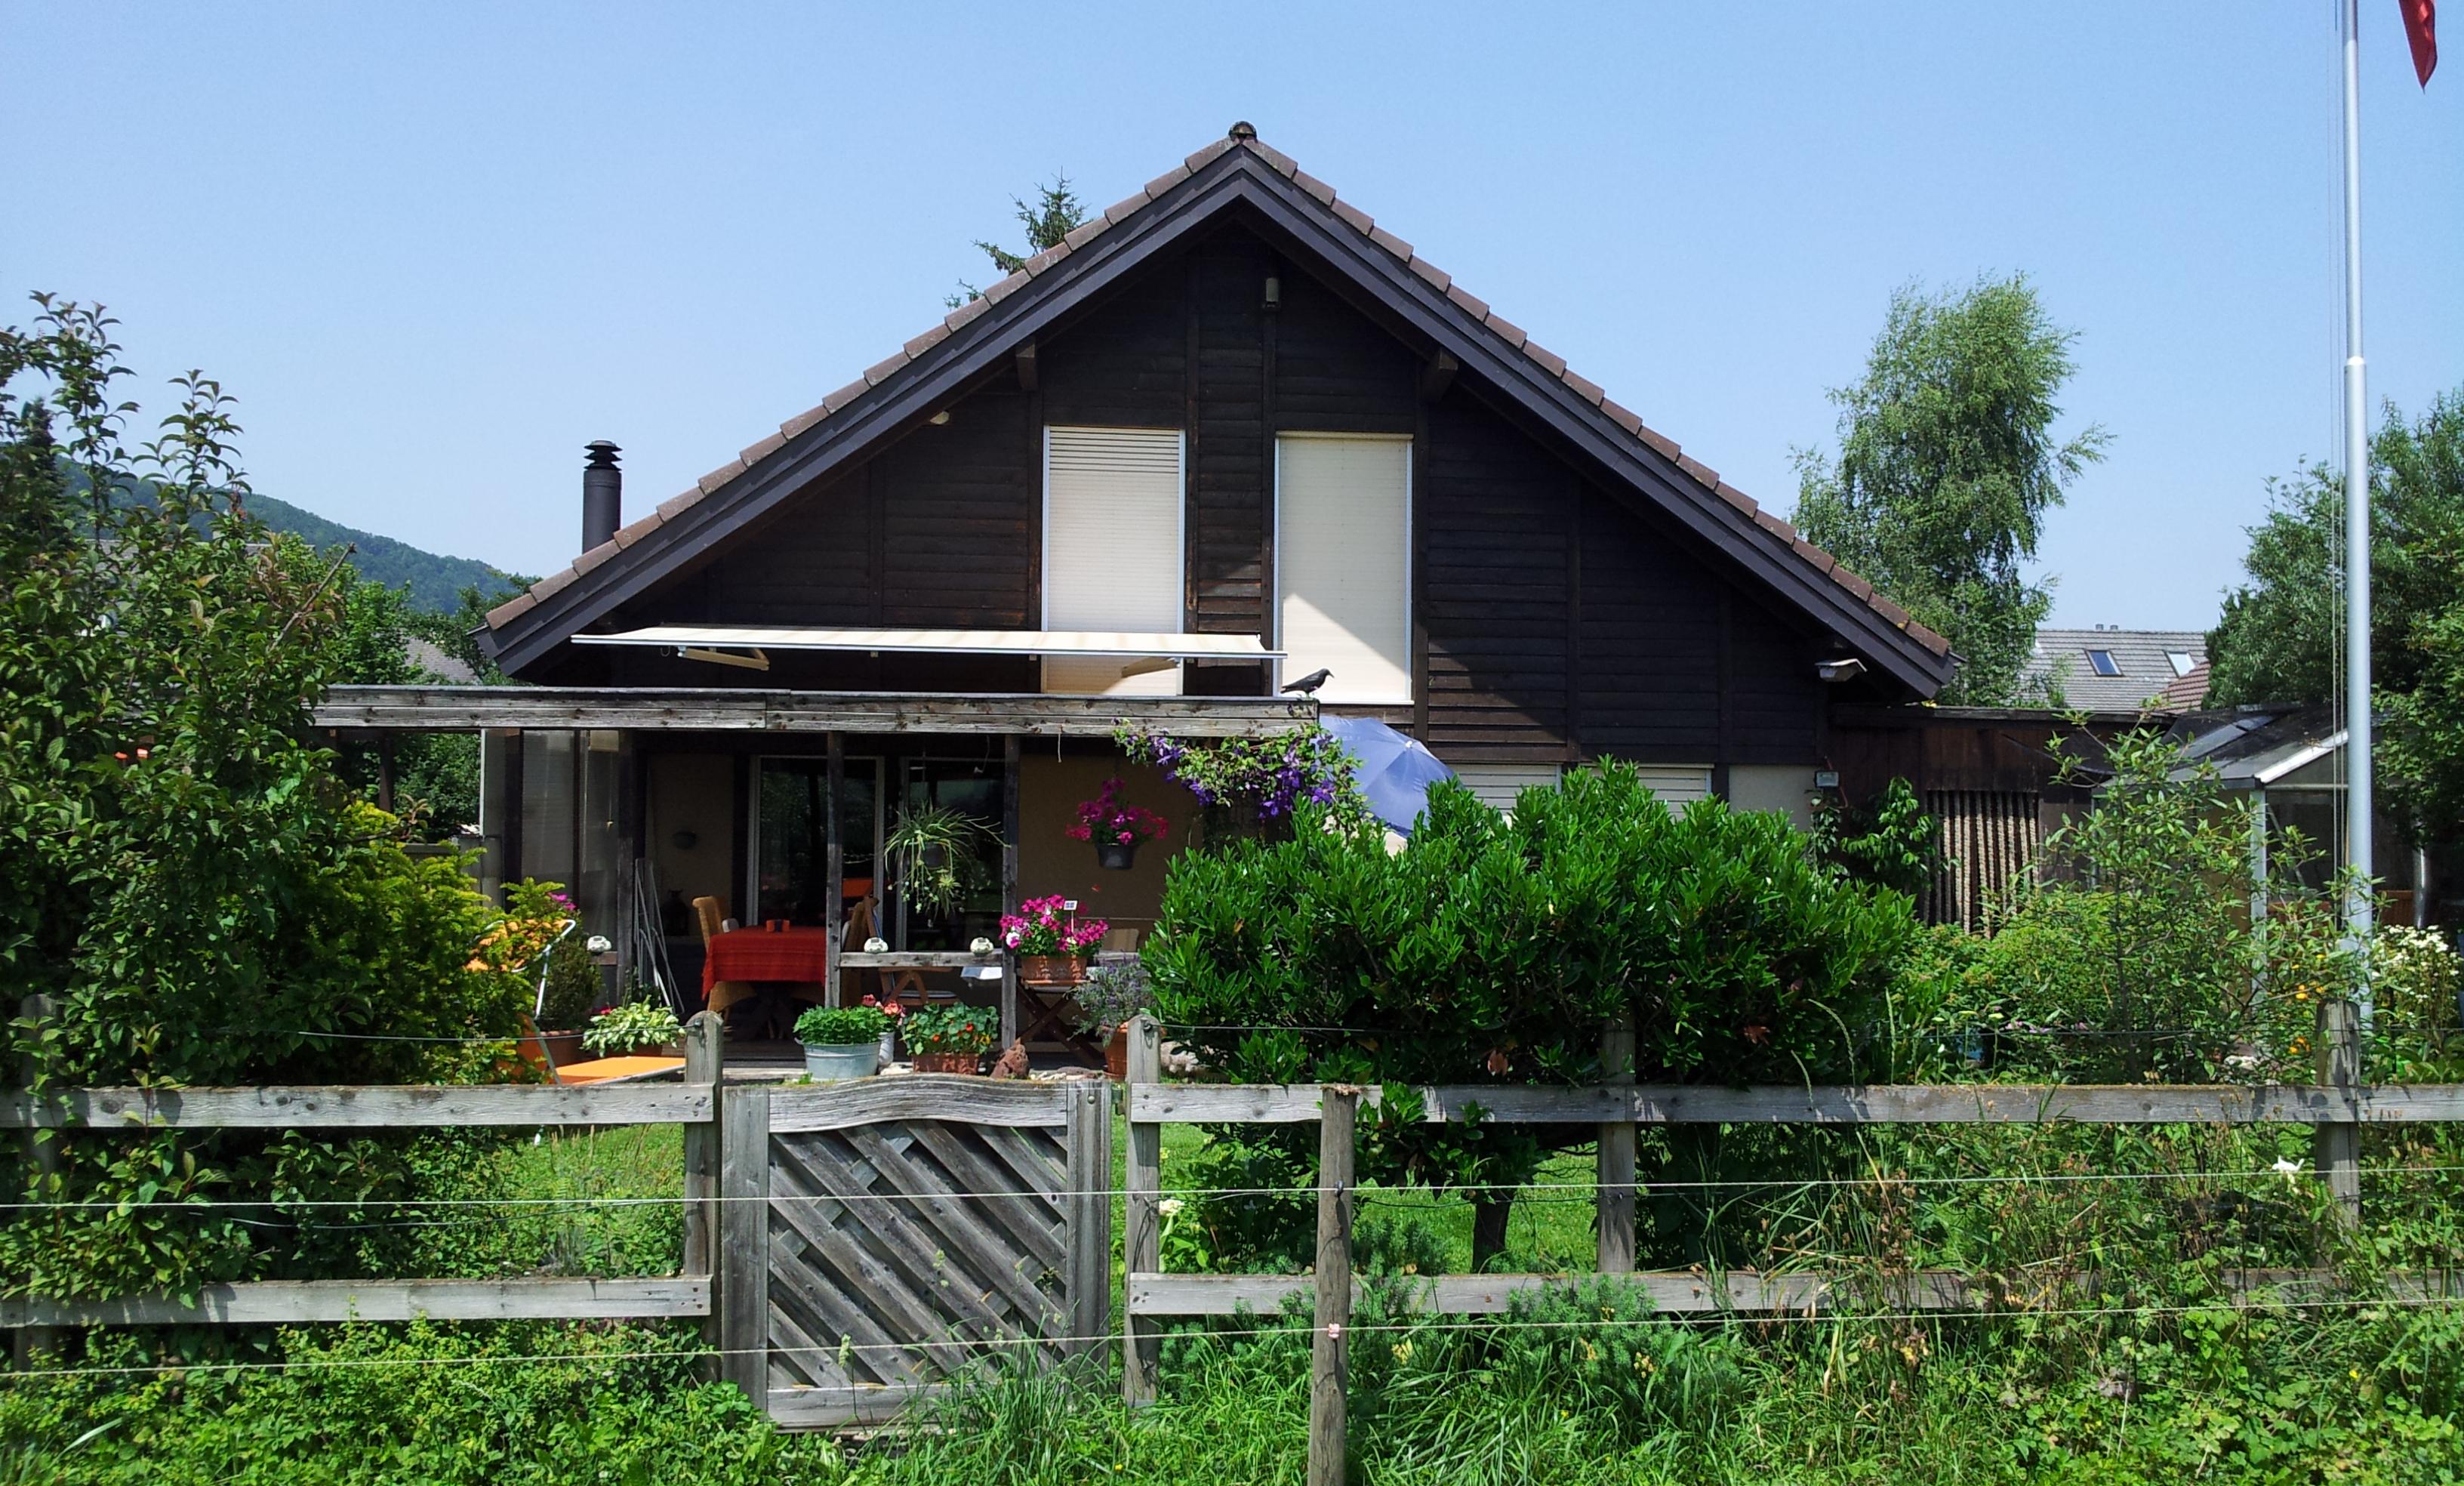 Einzigartig Haus Anbau Referenz Von 20120629_140820 20120629_140904